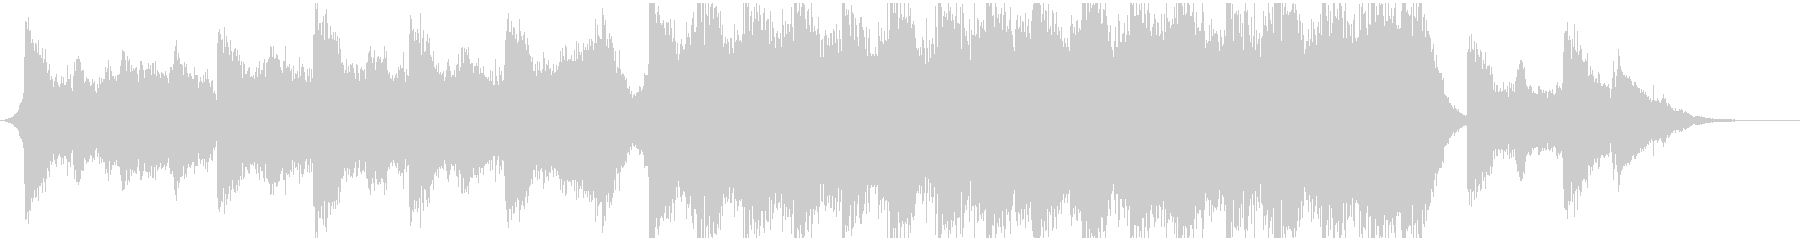 エレクトロ 交響曲 広い 壮大 ド...の未再生の波形